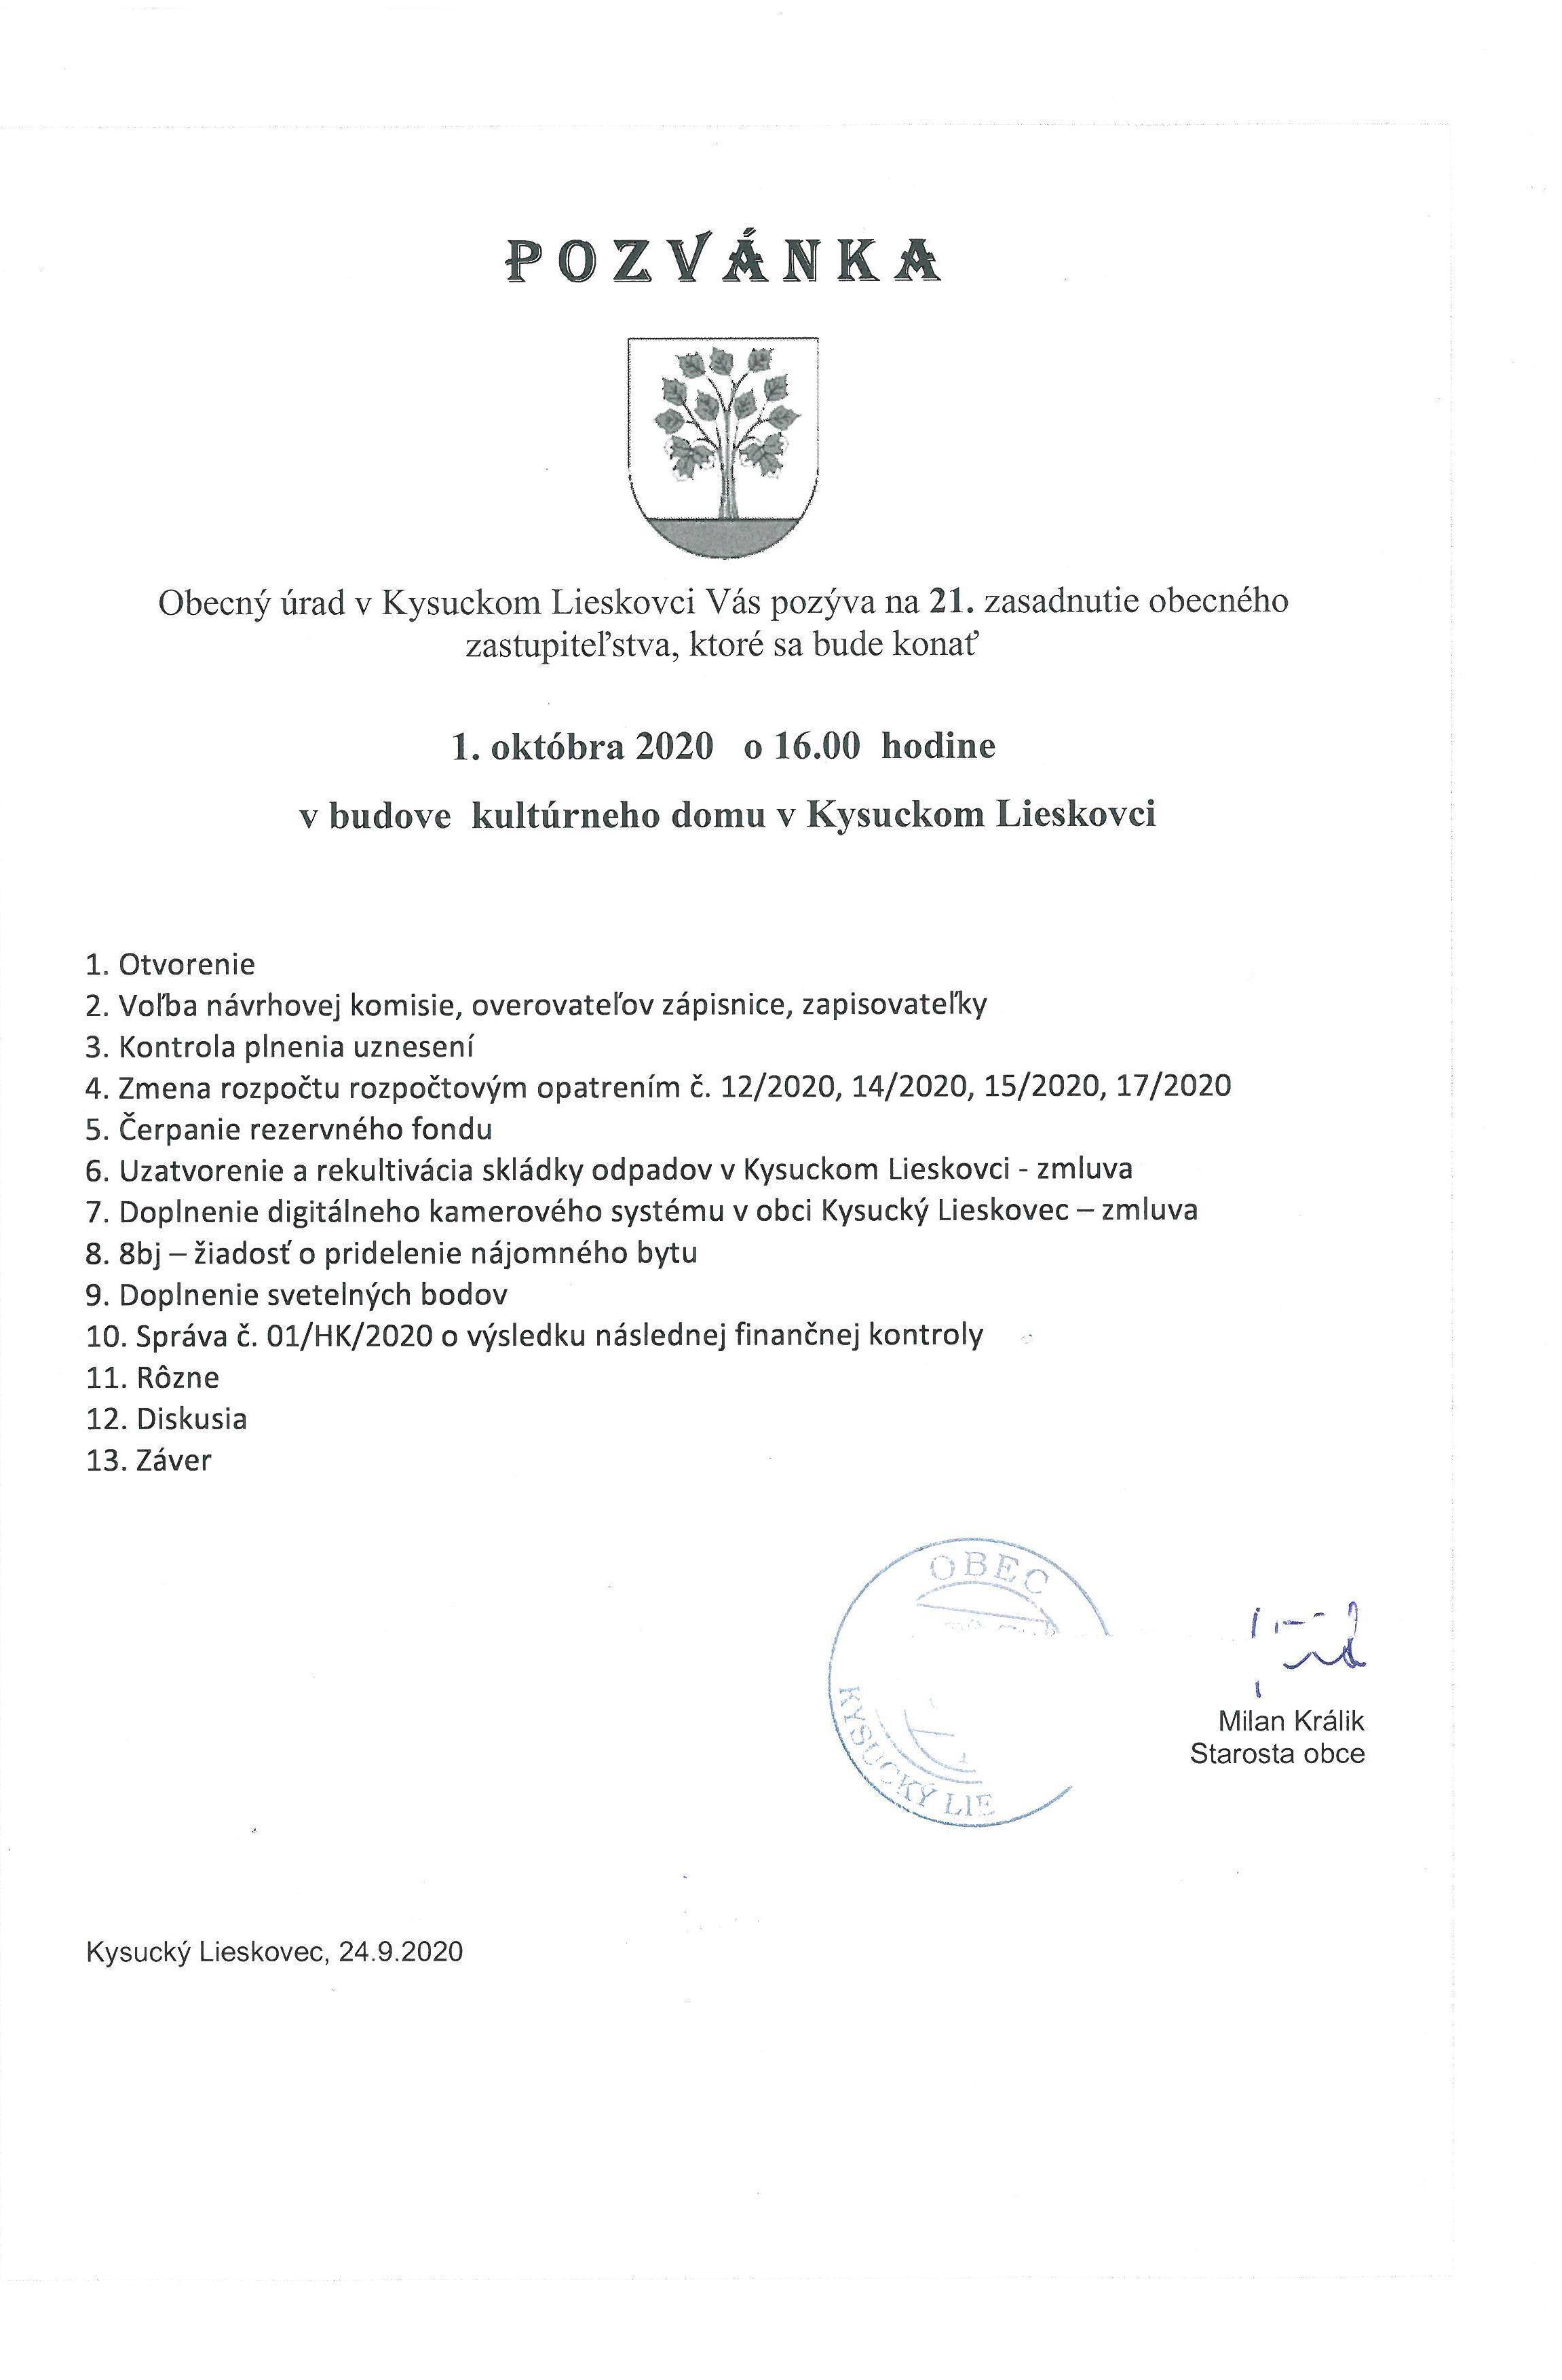 Pozvánka na 21. OZ Kysucký Lieskovec